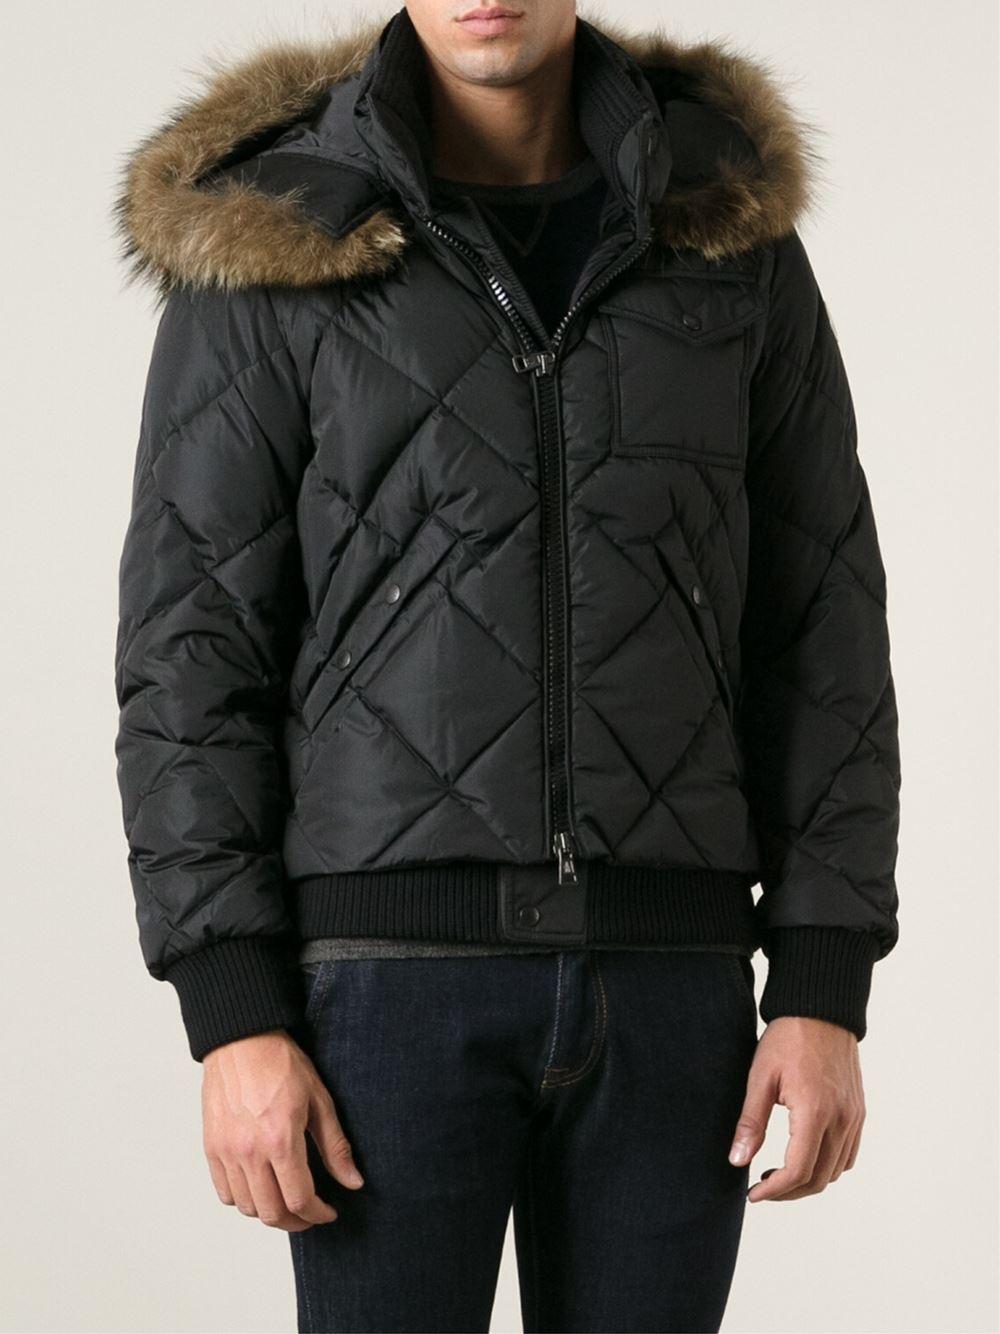 7953bd7a8 Moncler Harrison Padded Jacket in Black for Men - Lyst